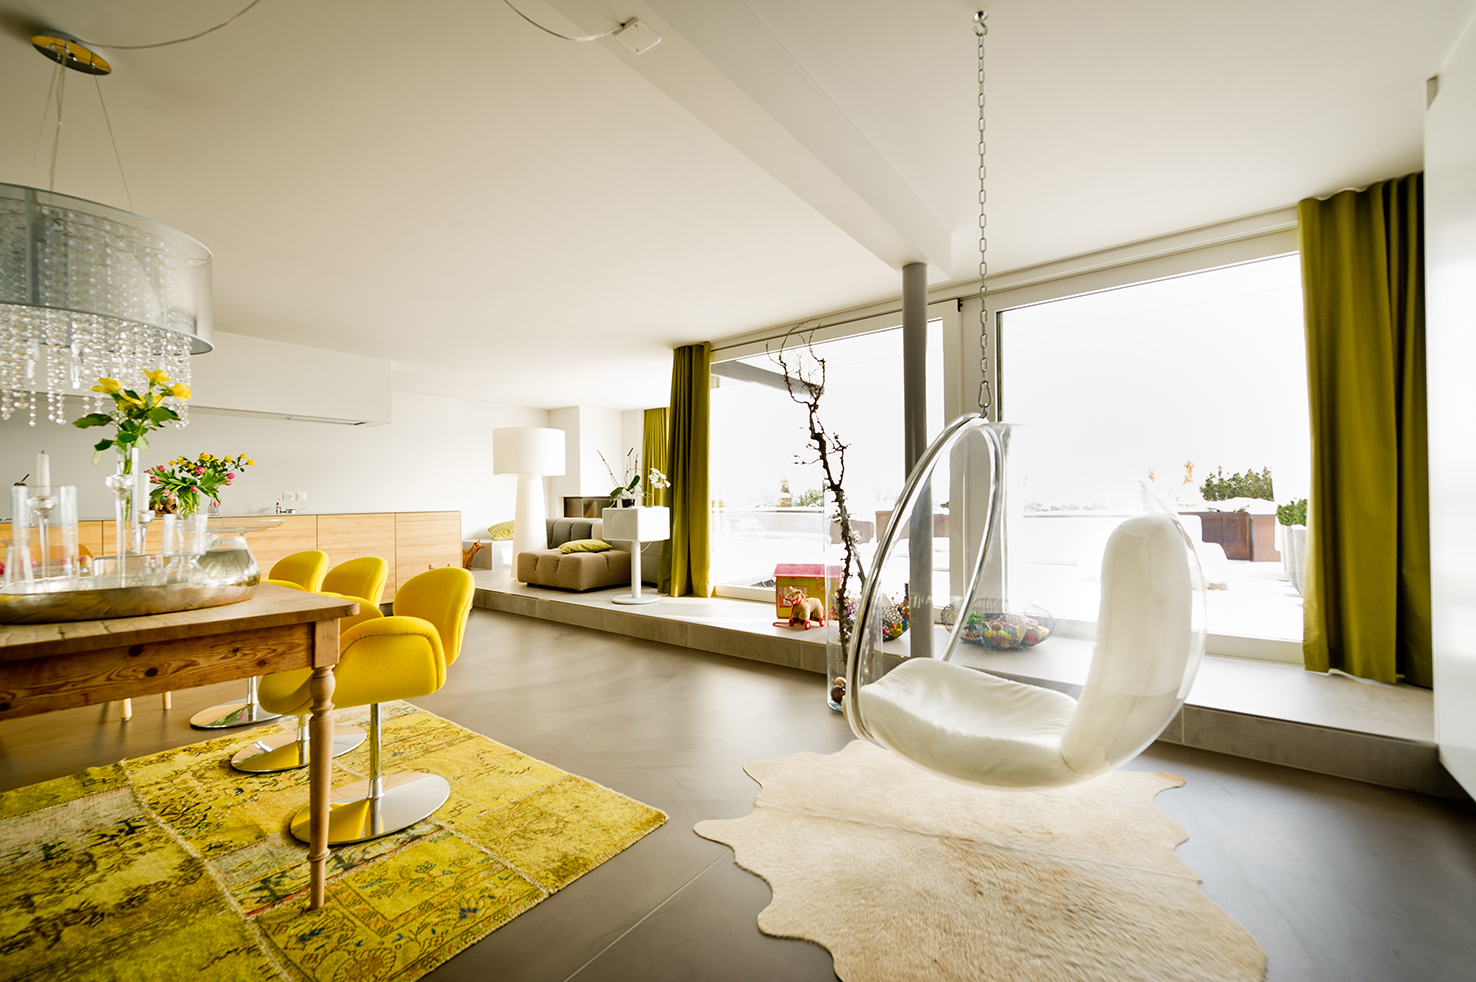 uppergrade-immobilienmarketing-house-of-property16.jpg